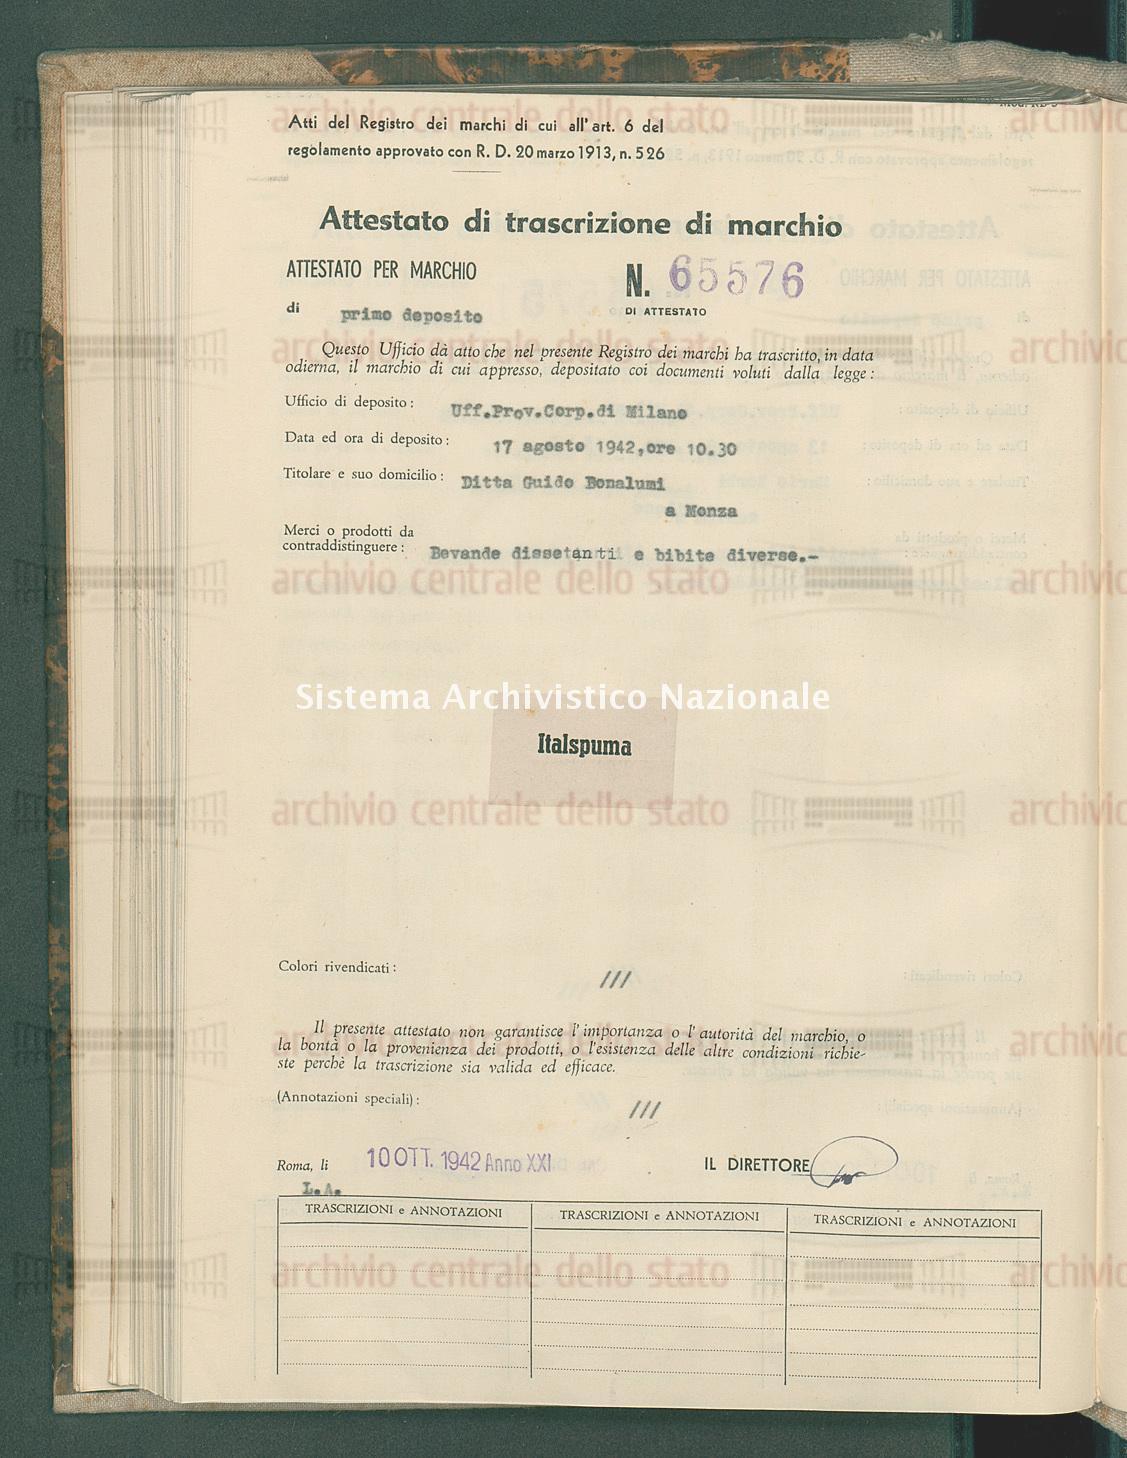 Bevande dissetanti e bibite diverse Ditta Guido Bonalumi (10/10/1942)